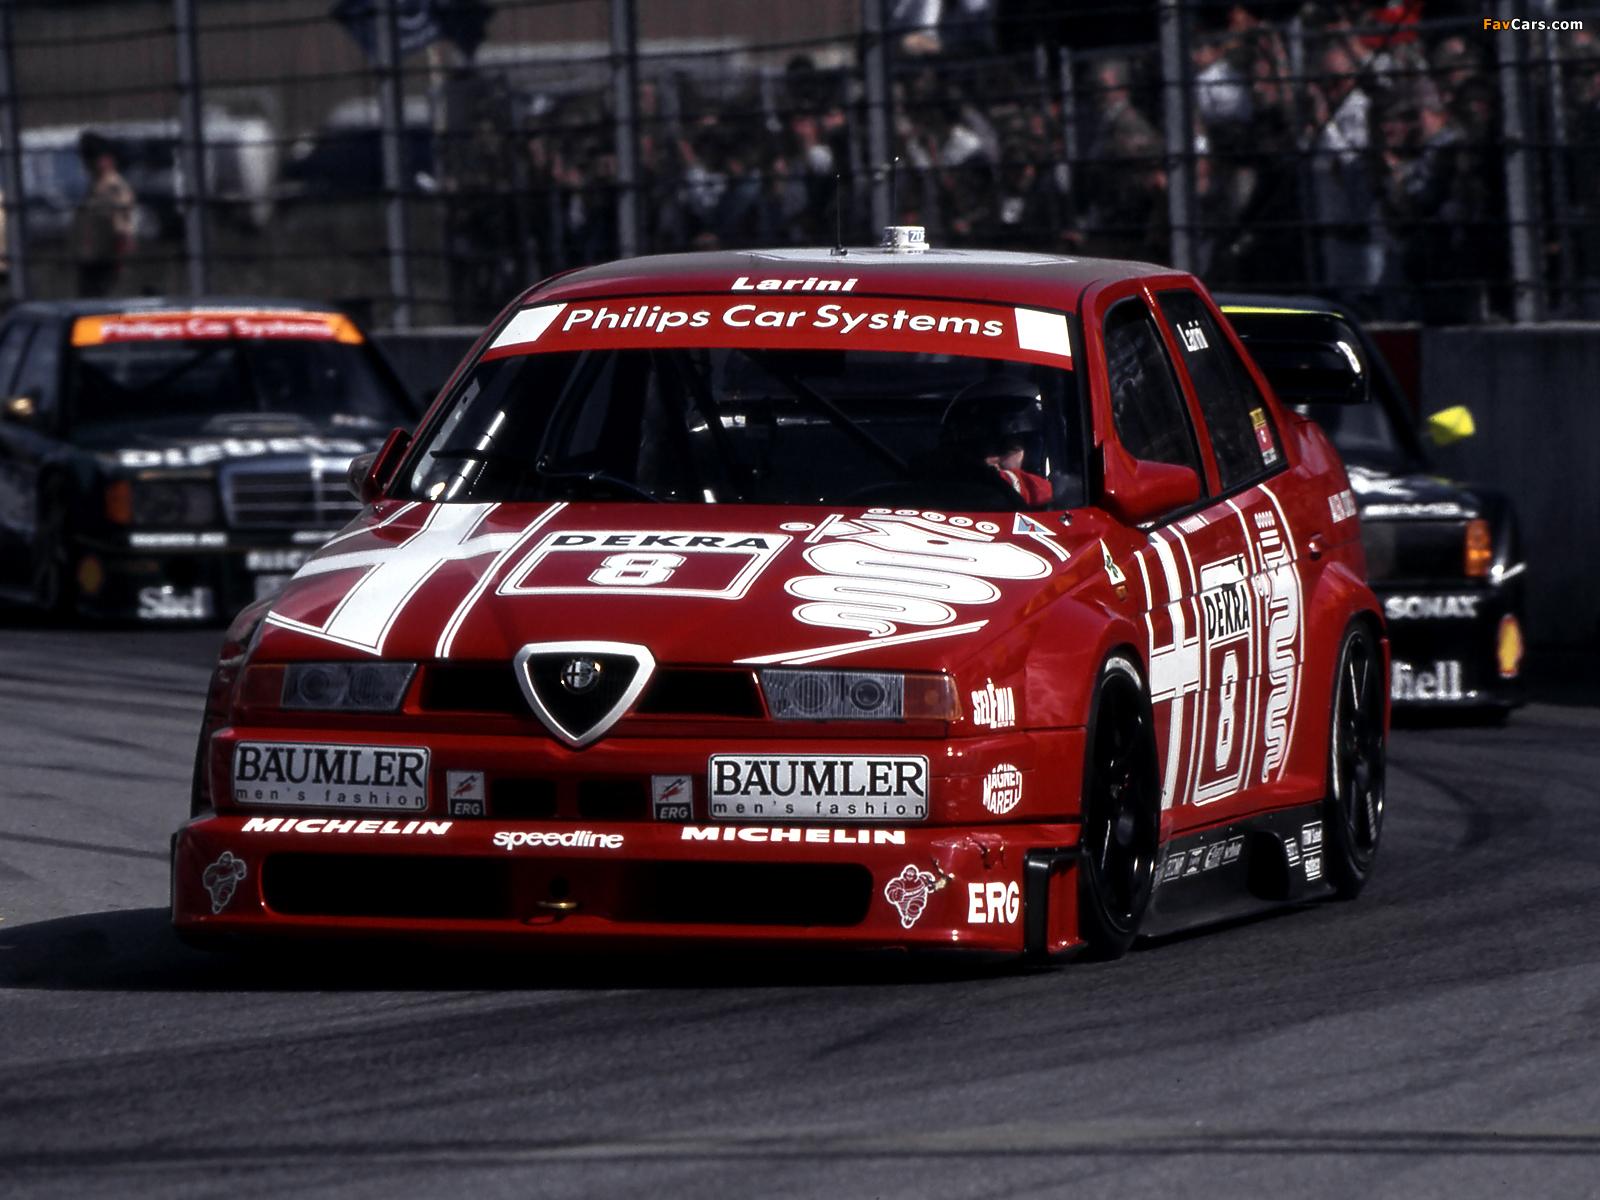 Alfa Romeo 155 Nicola Larini 1993